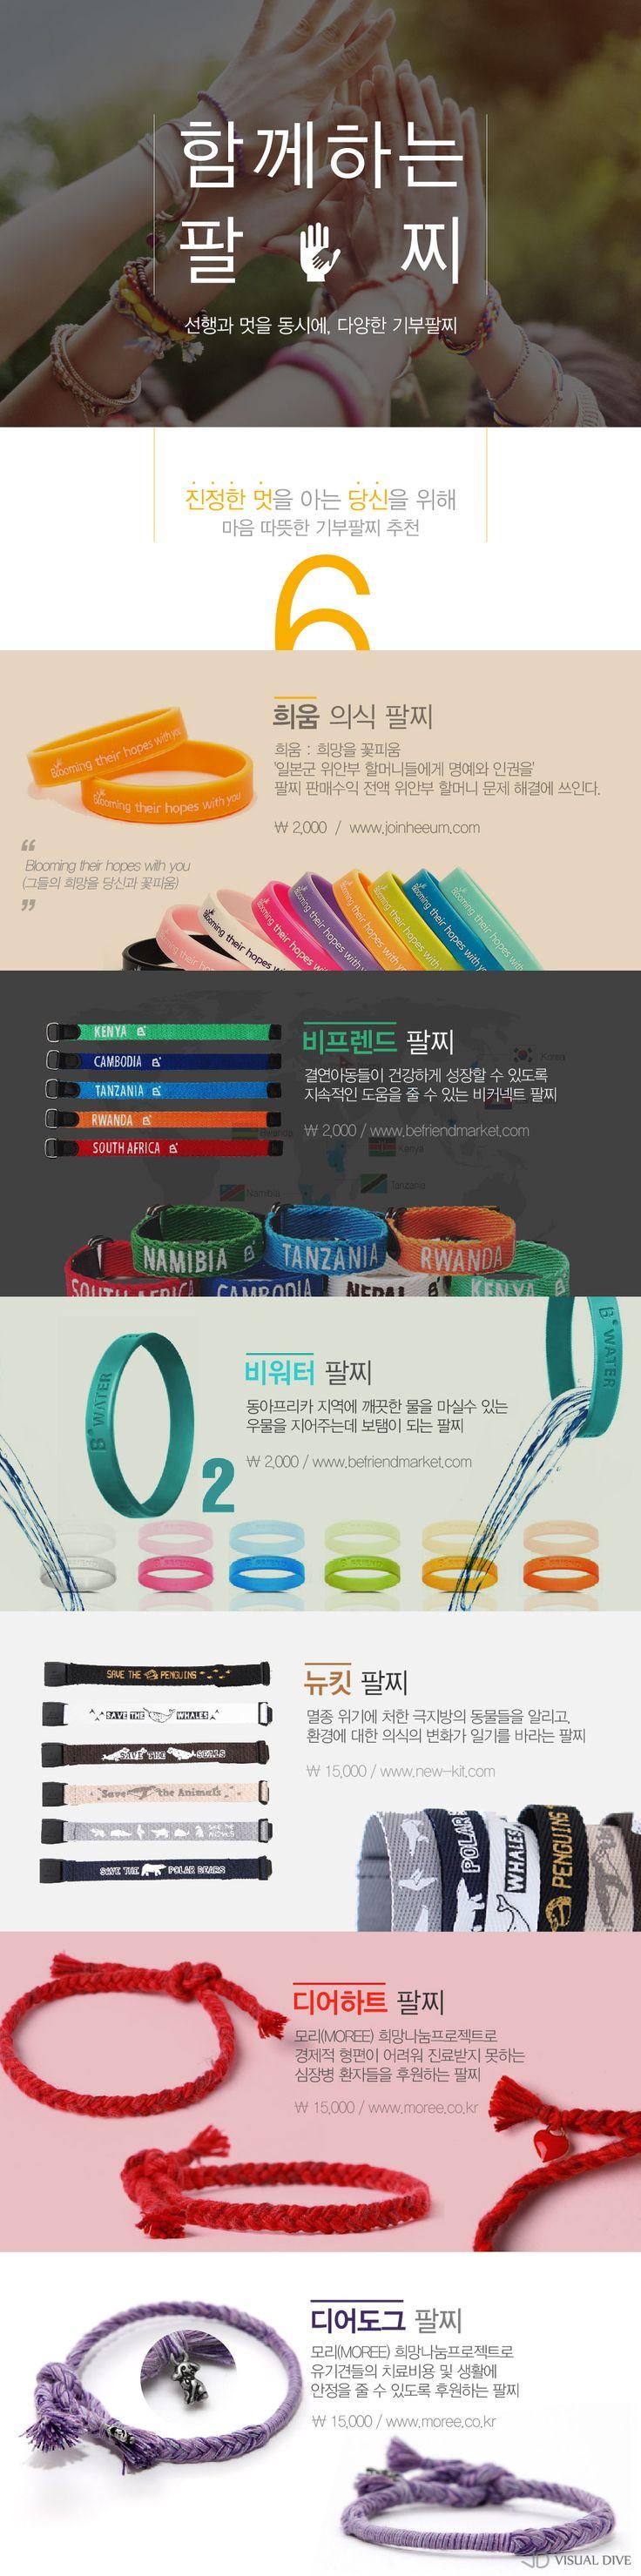 '선행'과 '멋'을 동시에!…아름다운 기부 팔찌 6가지 [인포그래픽] #Bracelet / #Infographic ⓒ 비주얼다이브 무단 복사·전재·재배포 금지